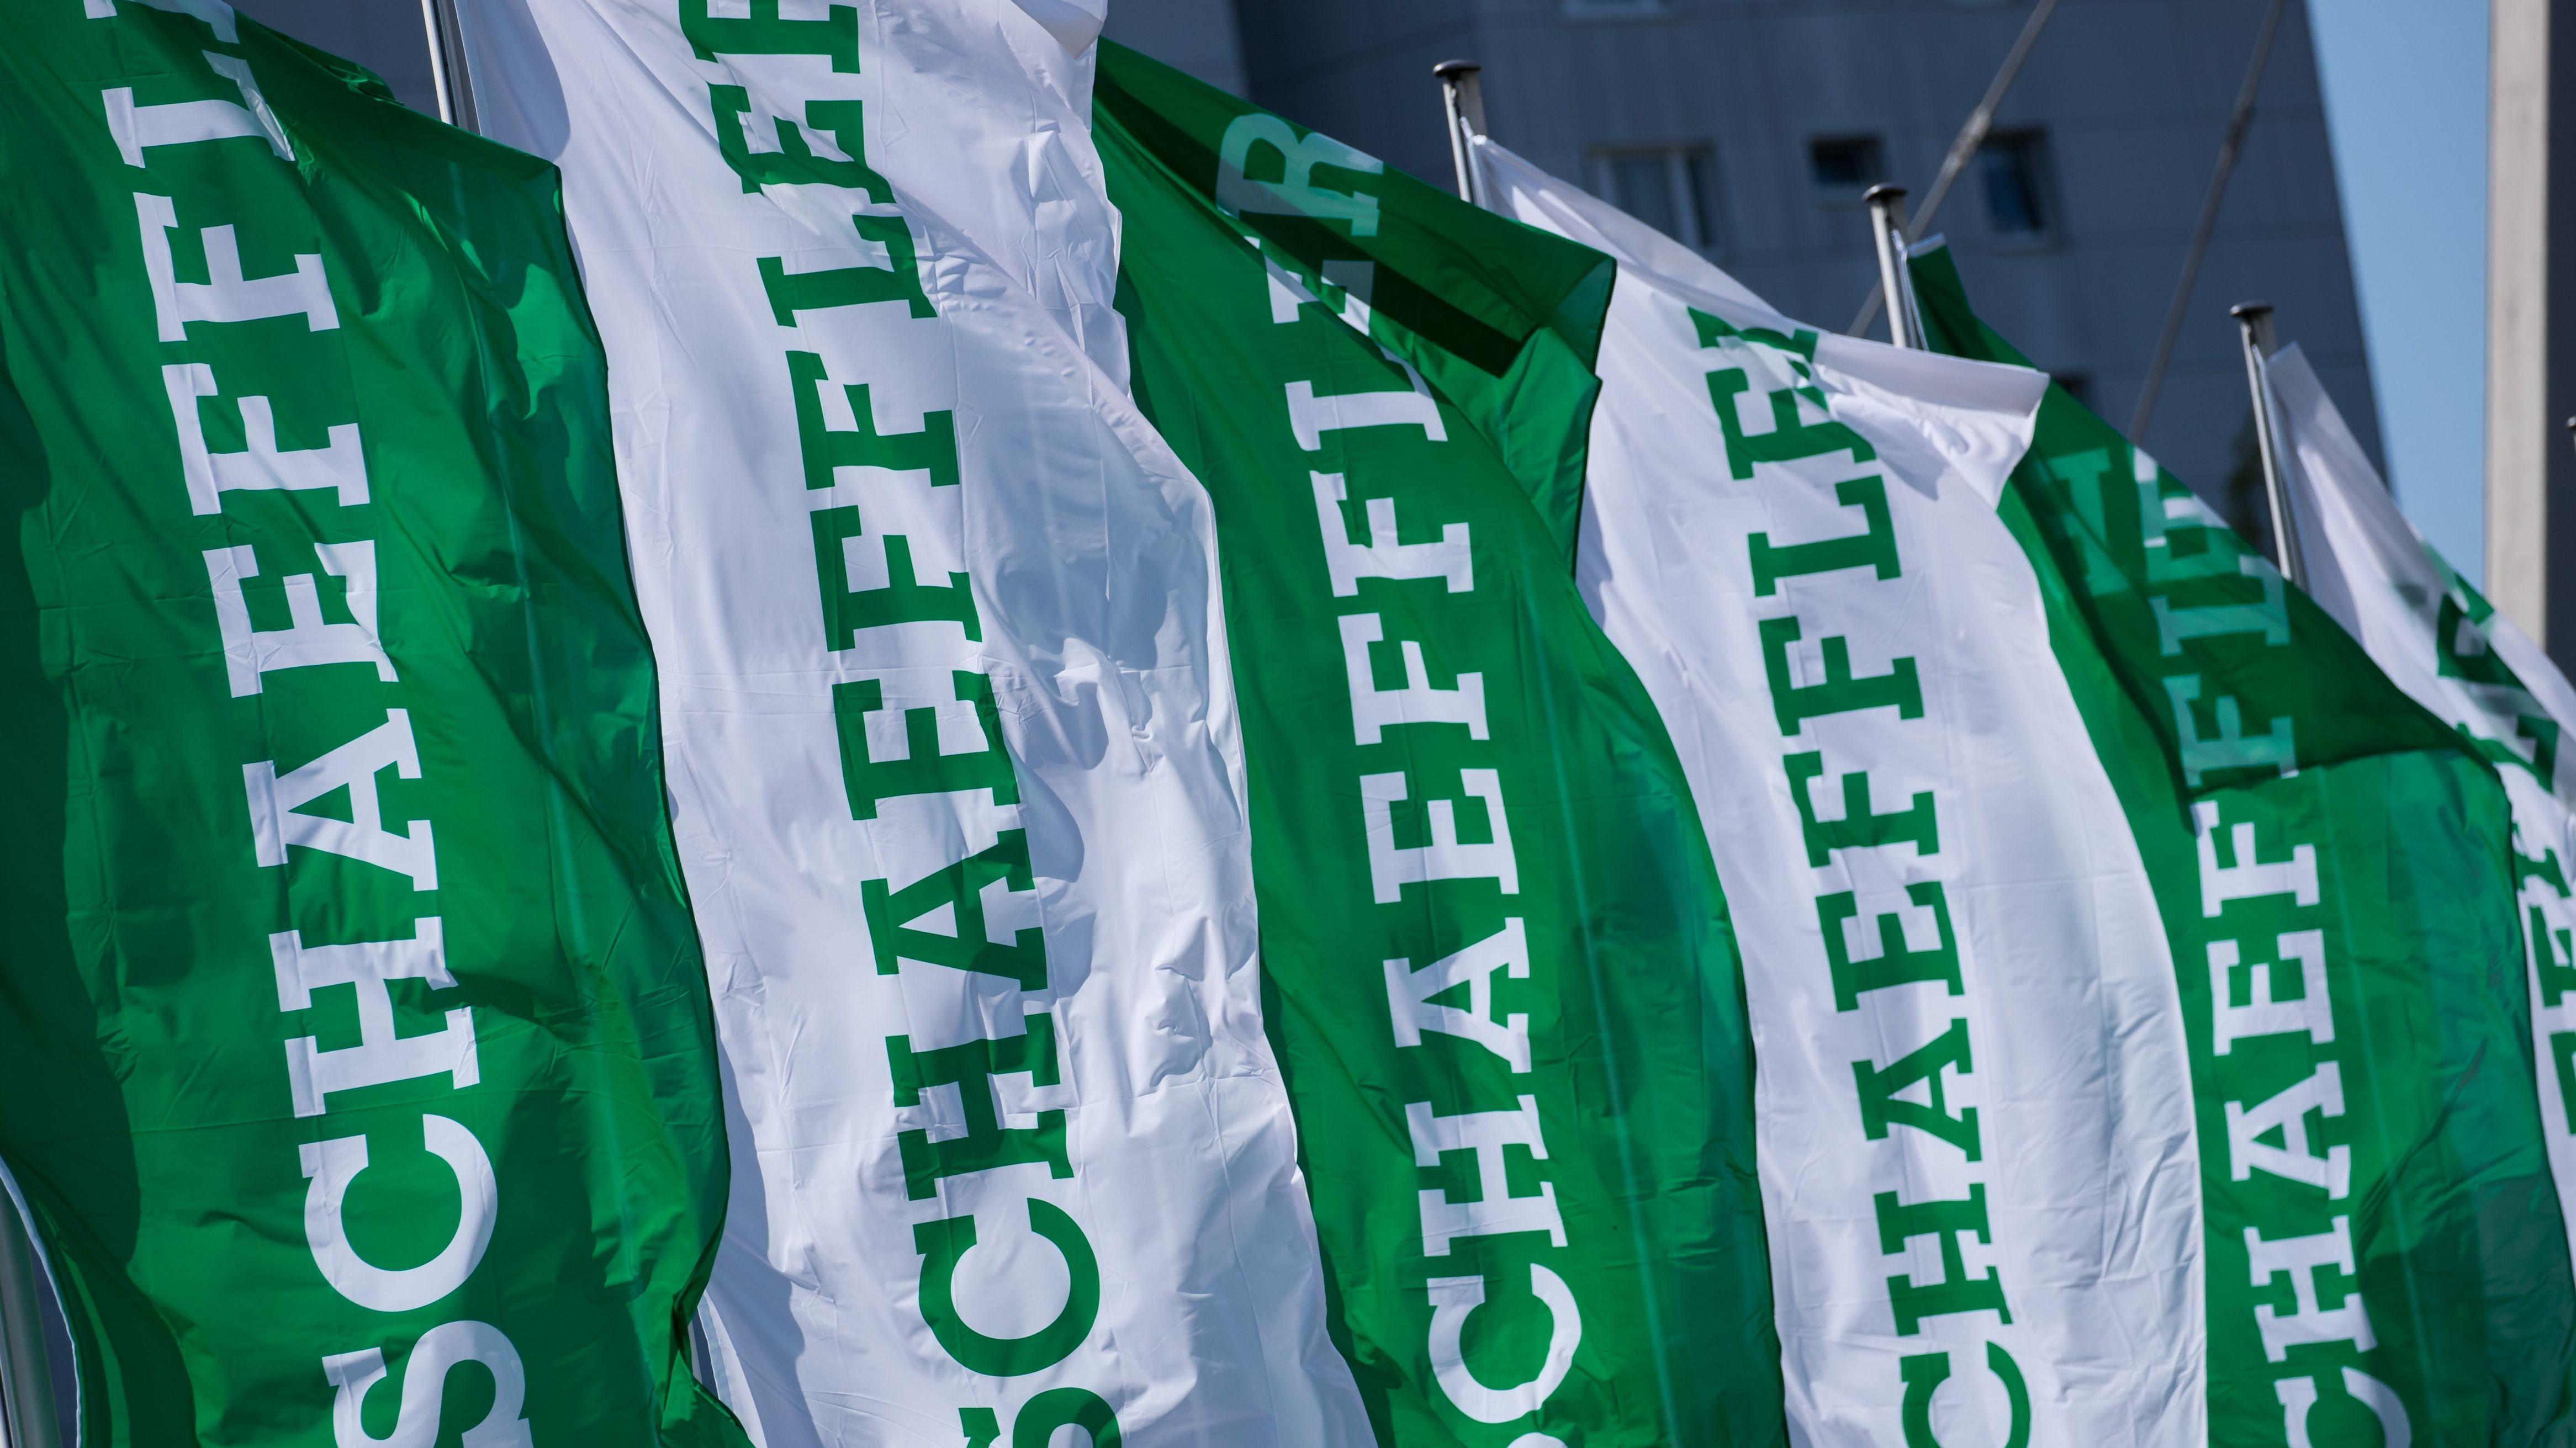 Grüne und weiße Fahnen der Firma Schaeffler